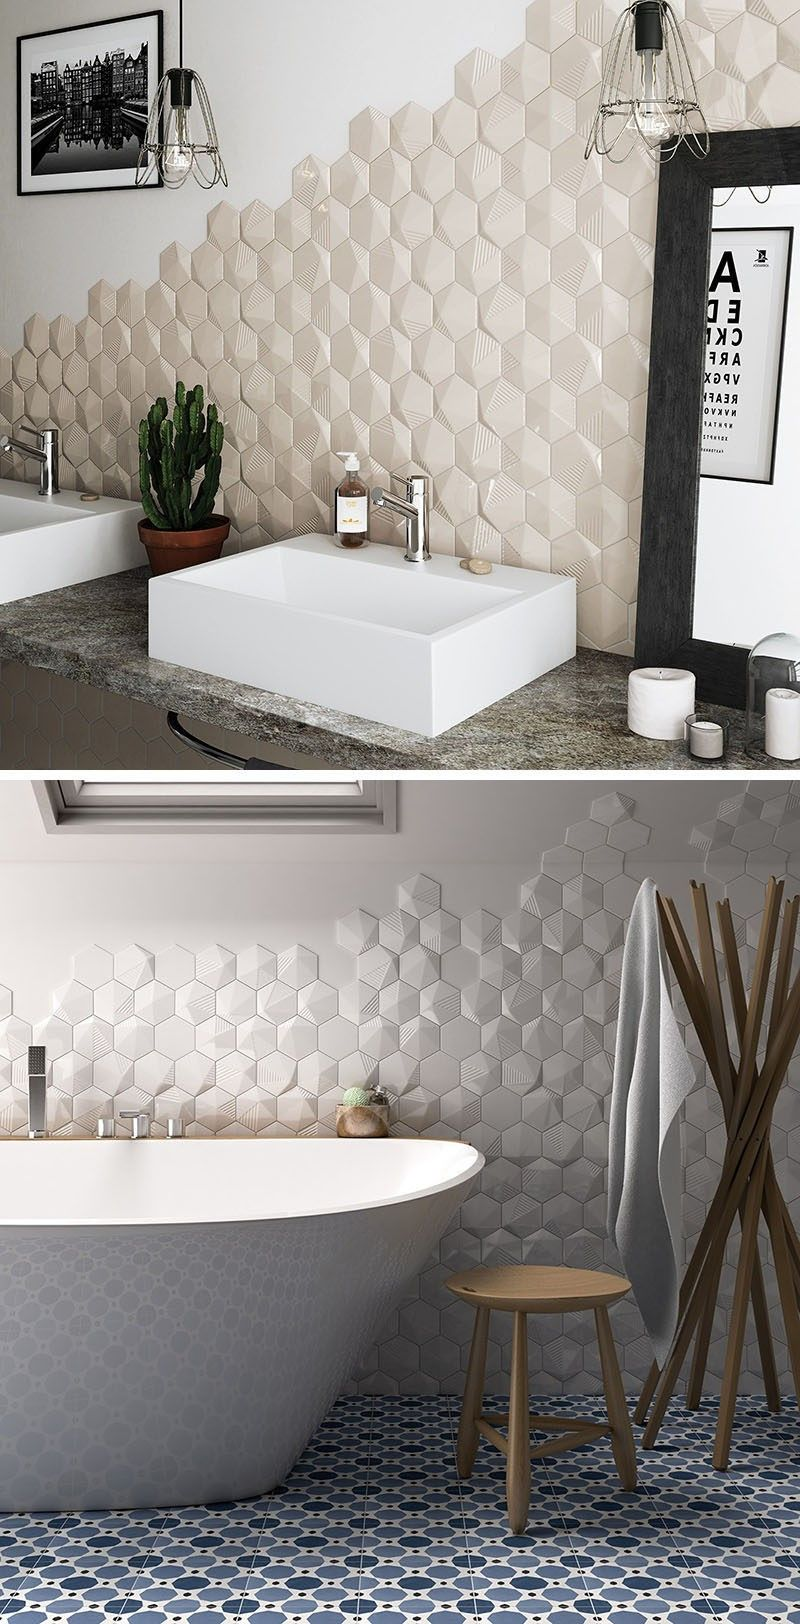 Wunderbar Badezimmer Fliesen Ideen Installieren 3D Fliesen Zu Hinzufügen Textur, Ihr  Bad / / Hexagonal Fliesen